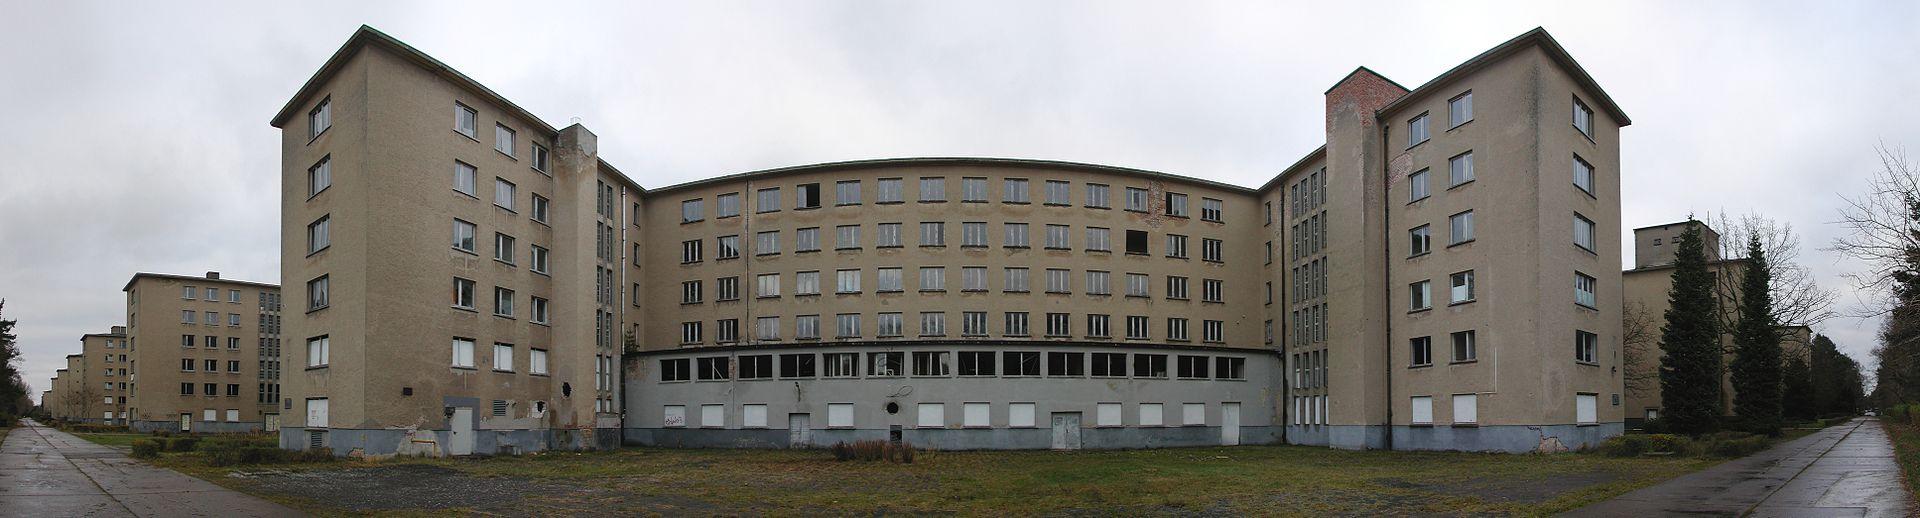 Ośrodek nazistowski w Prora. Zdj. Wikimedia Commons / CC